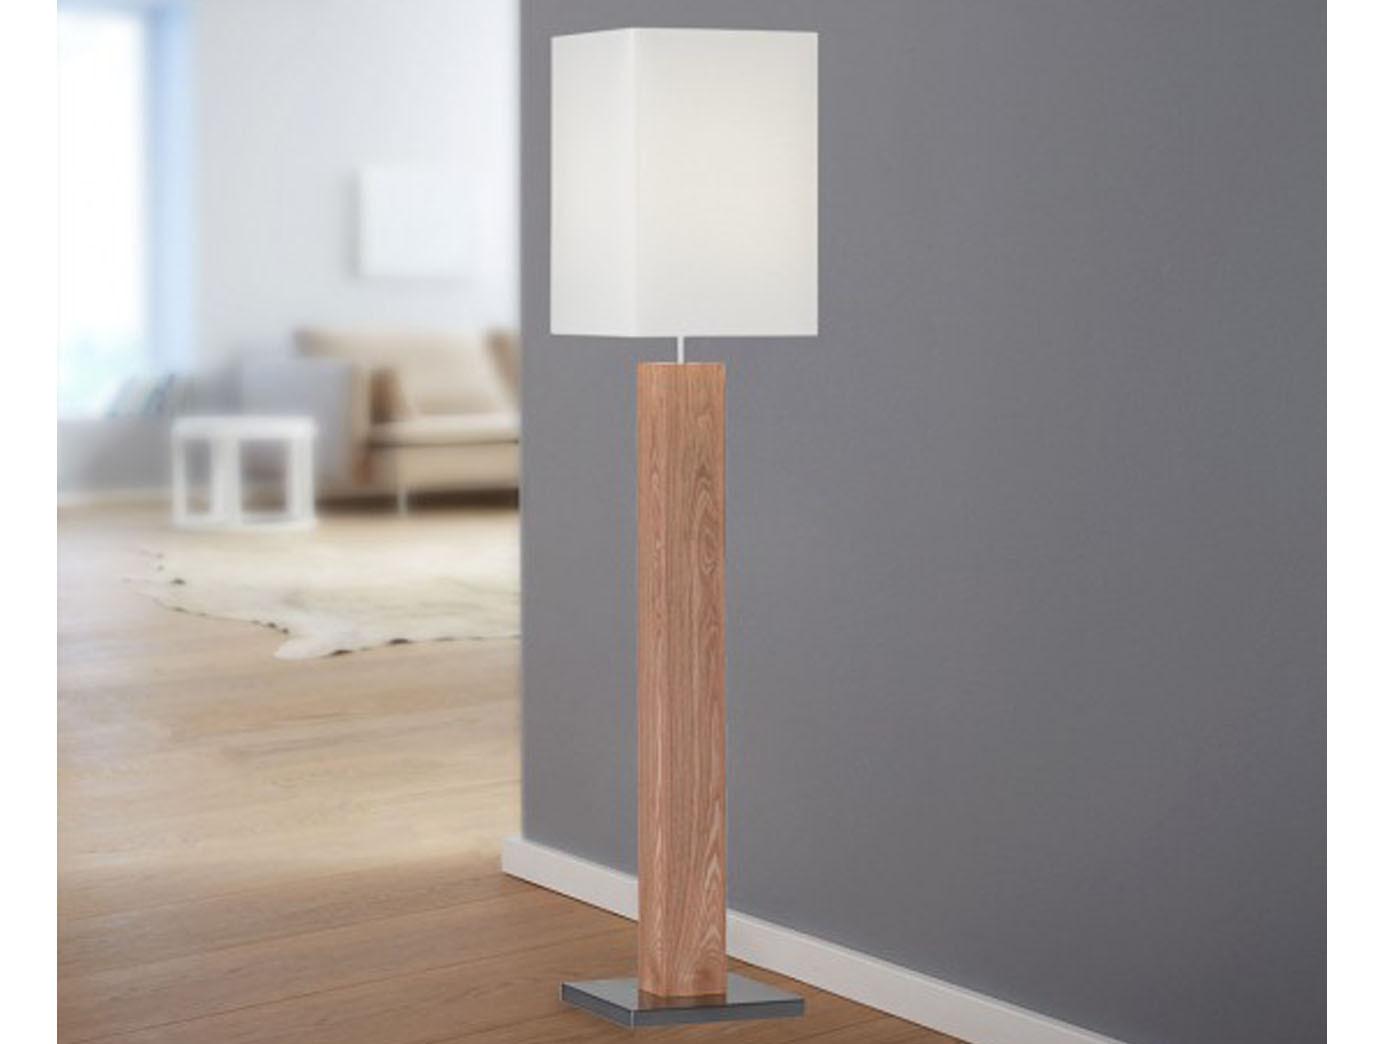 Stehlampe Wohnzimmer Holz Tipps